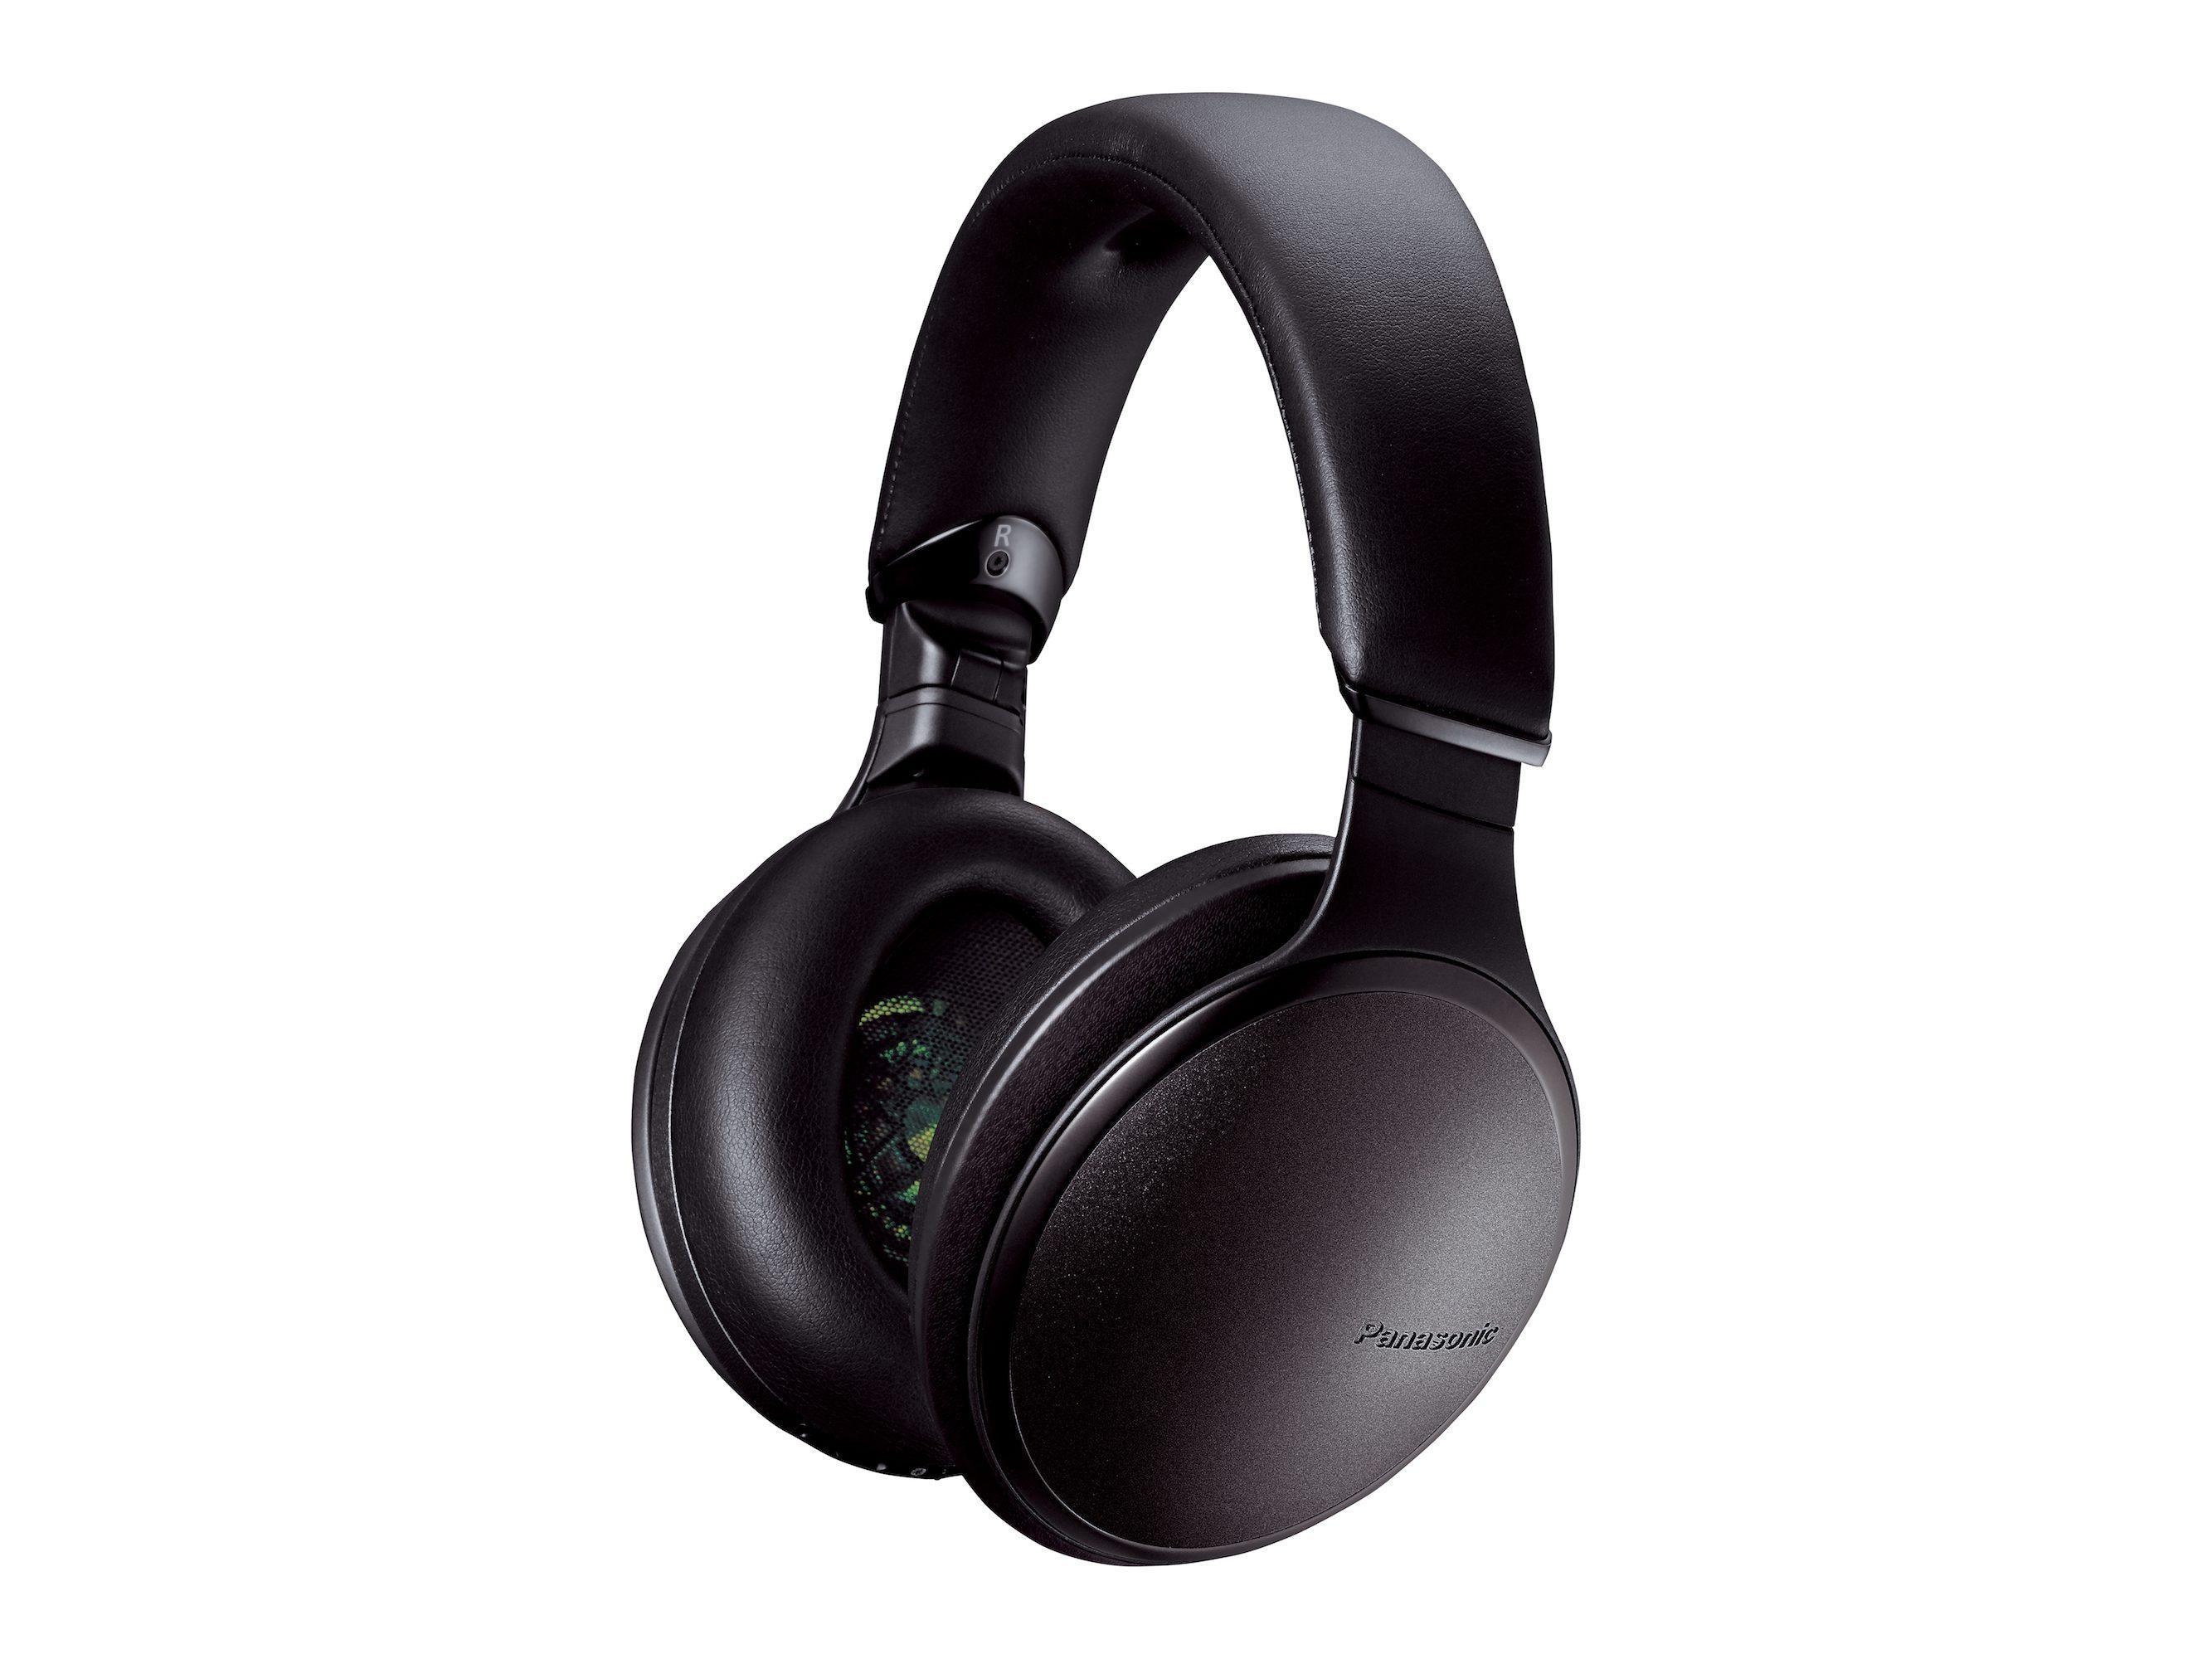 Zwei neue Bluetooth HighRes Kopfhörer von Panasonic